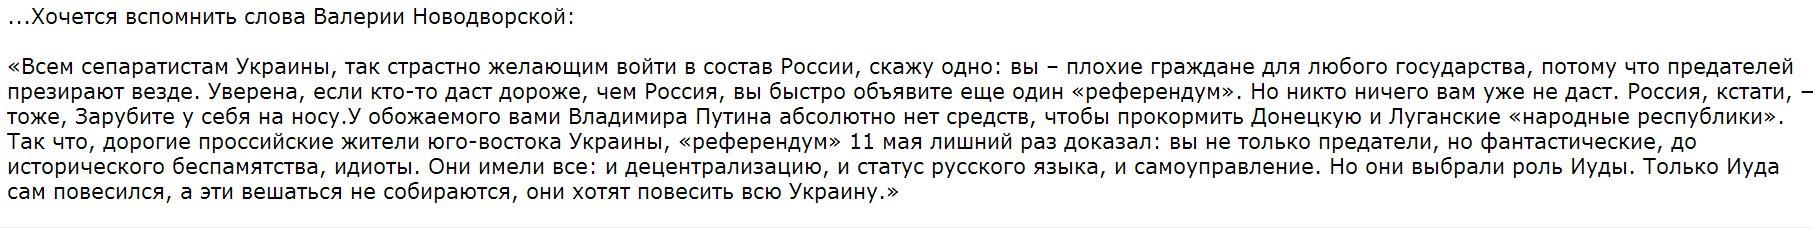 Красный Крест направил в Донецк гуманитарную помощь - Цензор.НЕТ 4048